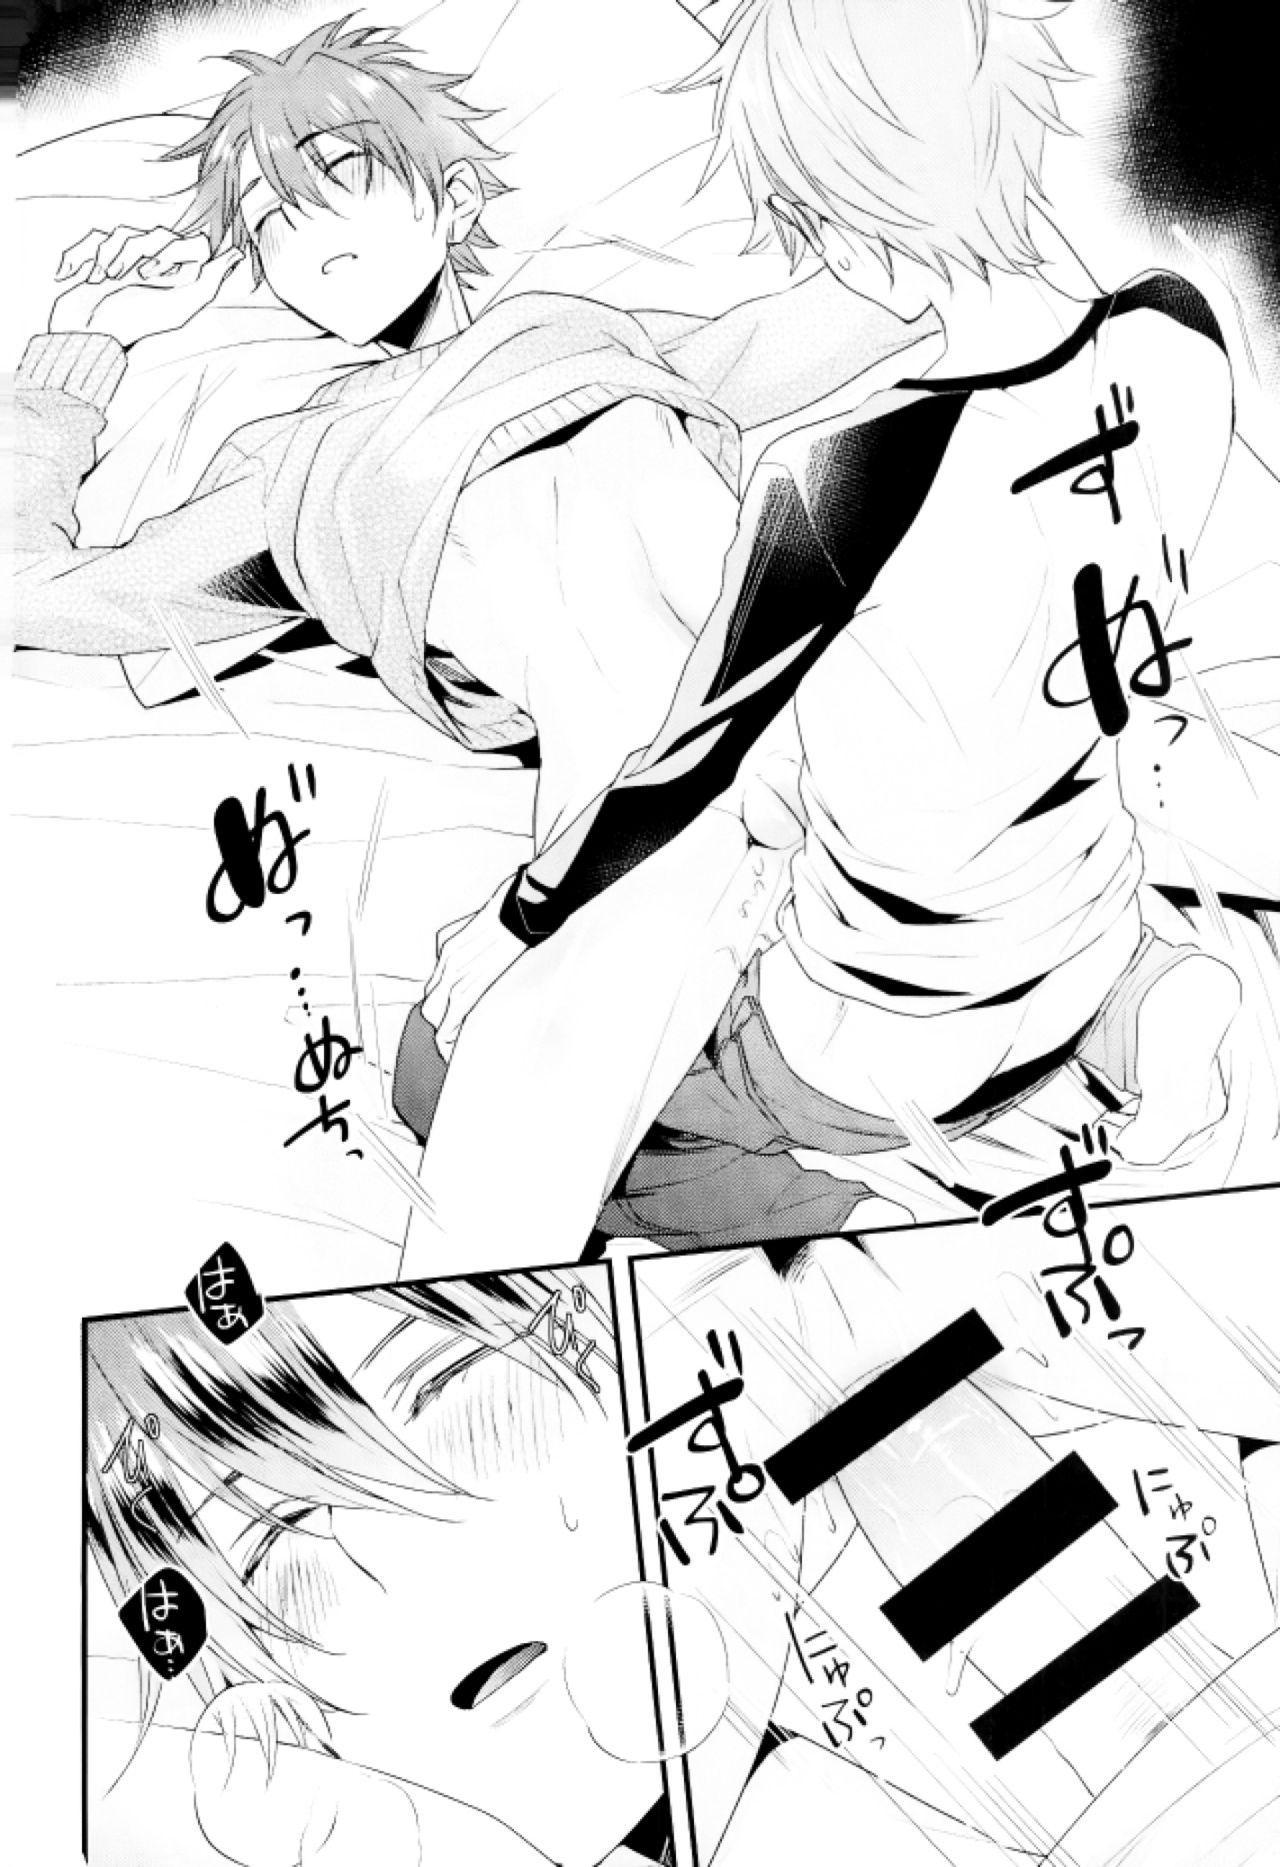 Ore no Kawaii Onaho Senpai 7 8